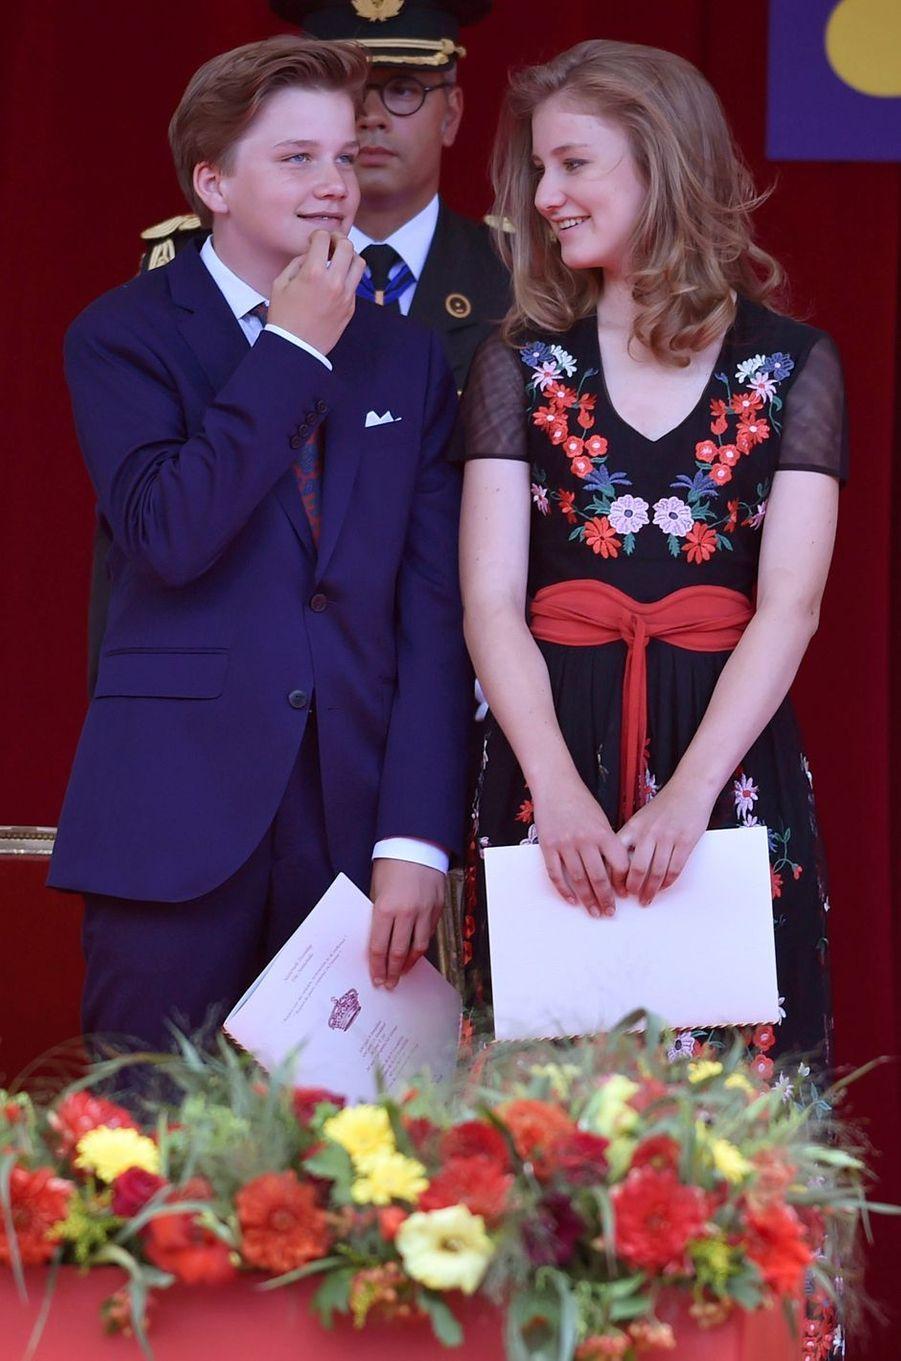 Le prince Gabriel de Belgique avec sa grande soeur la princesse Elisabeth, le 21 juillet 2018